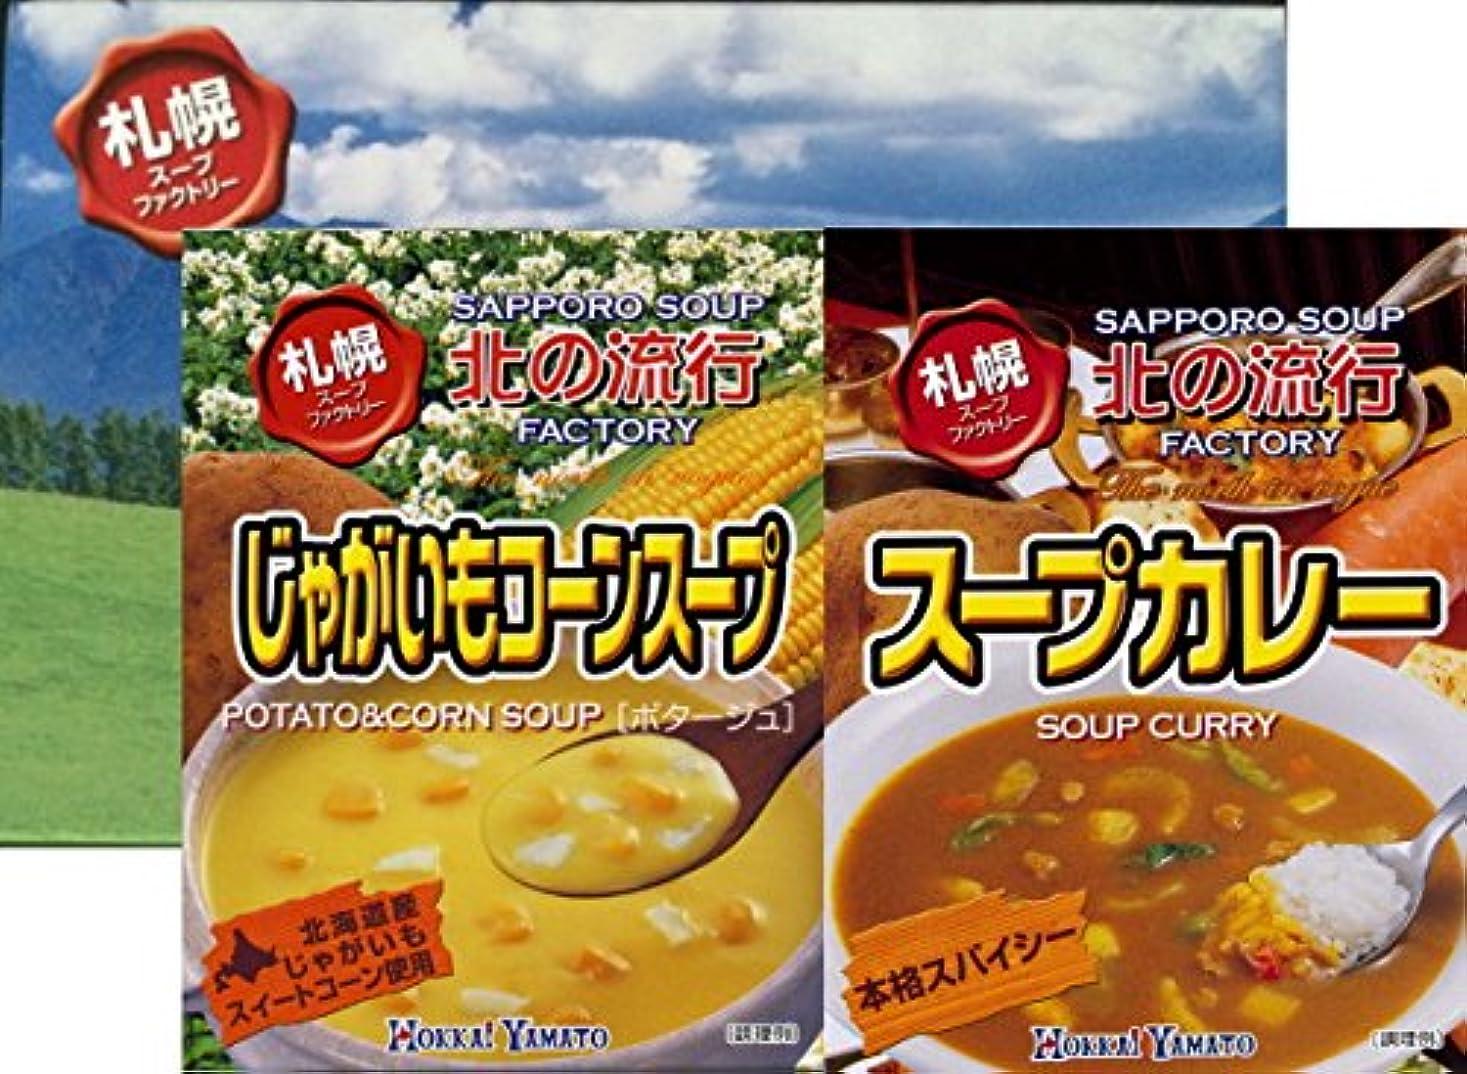 行き当たりばったり社会主義者外交北海大和 札幌スープファクトリーギフトセット×2箱